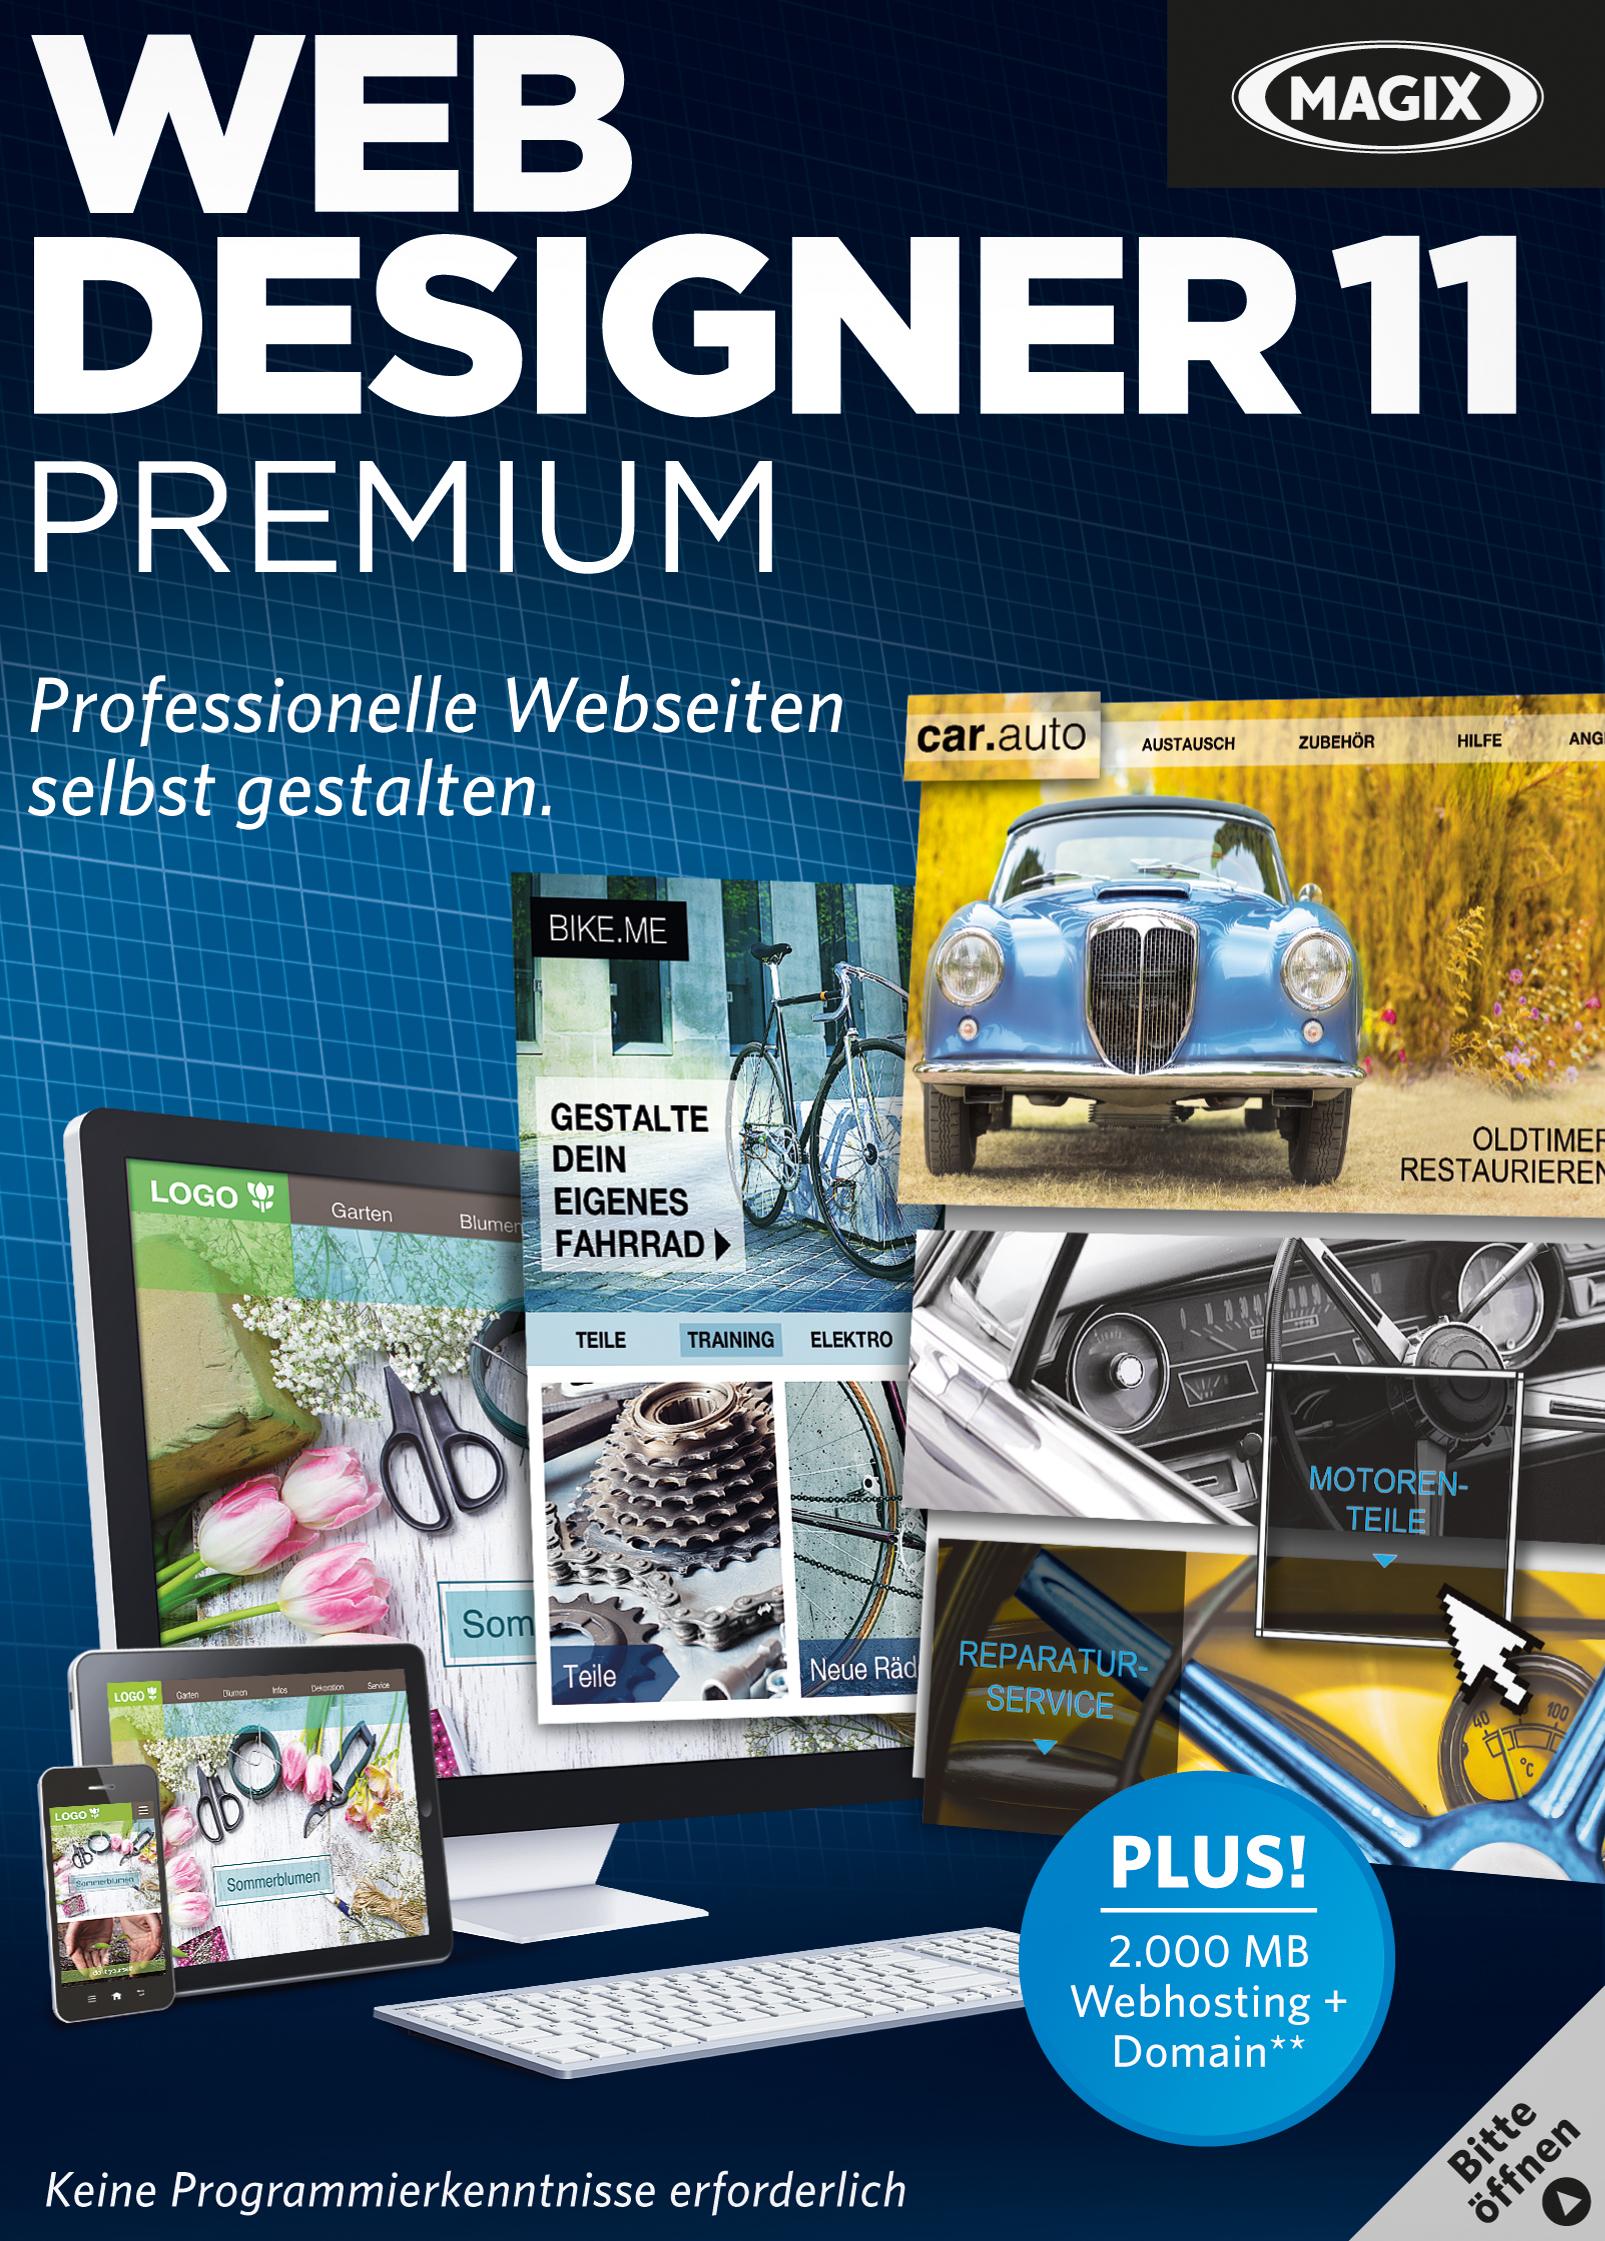 magix-web-designer-11-premium-download